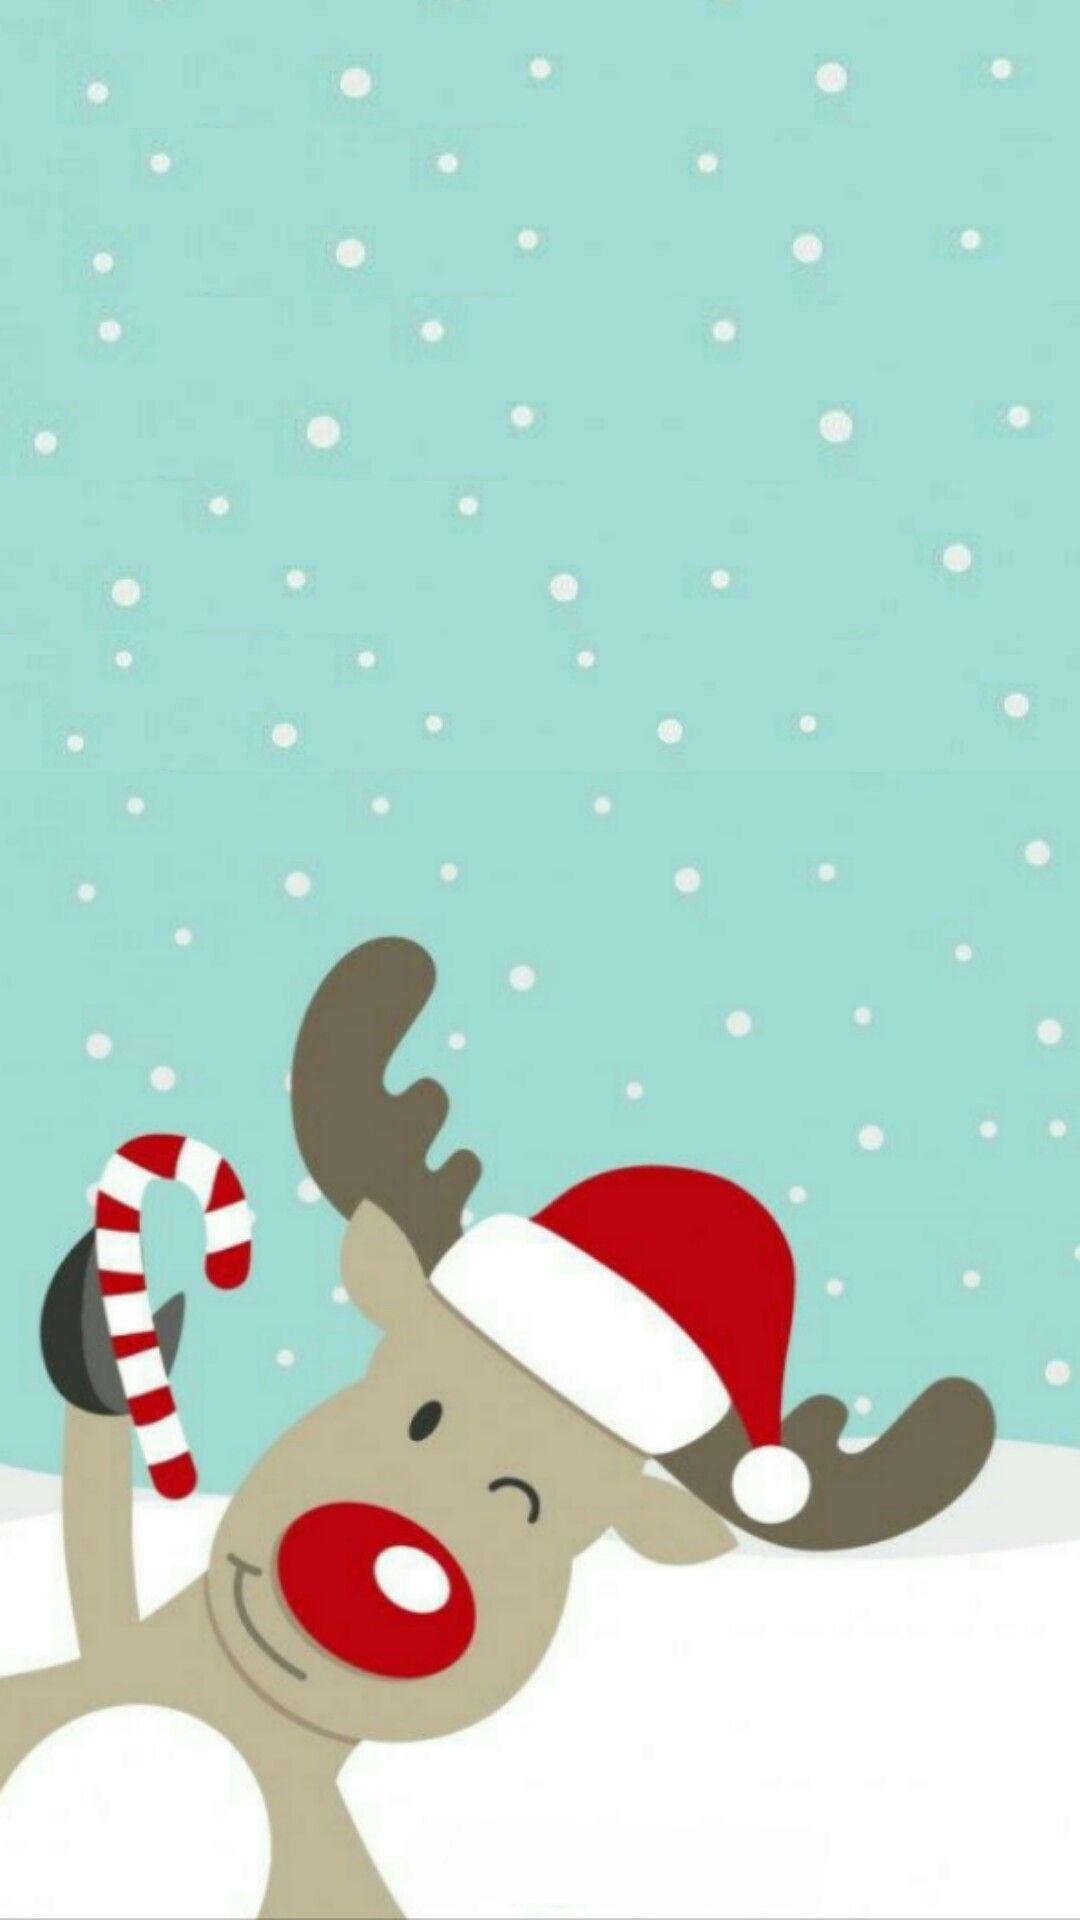 Kawaii Reindeer Wallpapers , Top Free Kawaii Reindeer